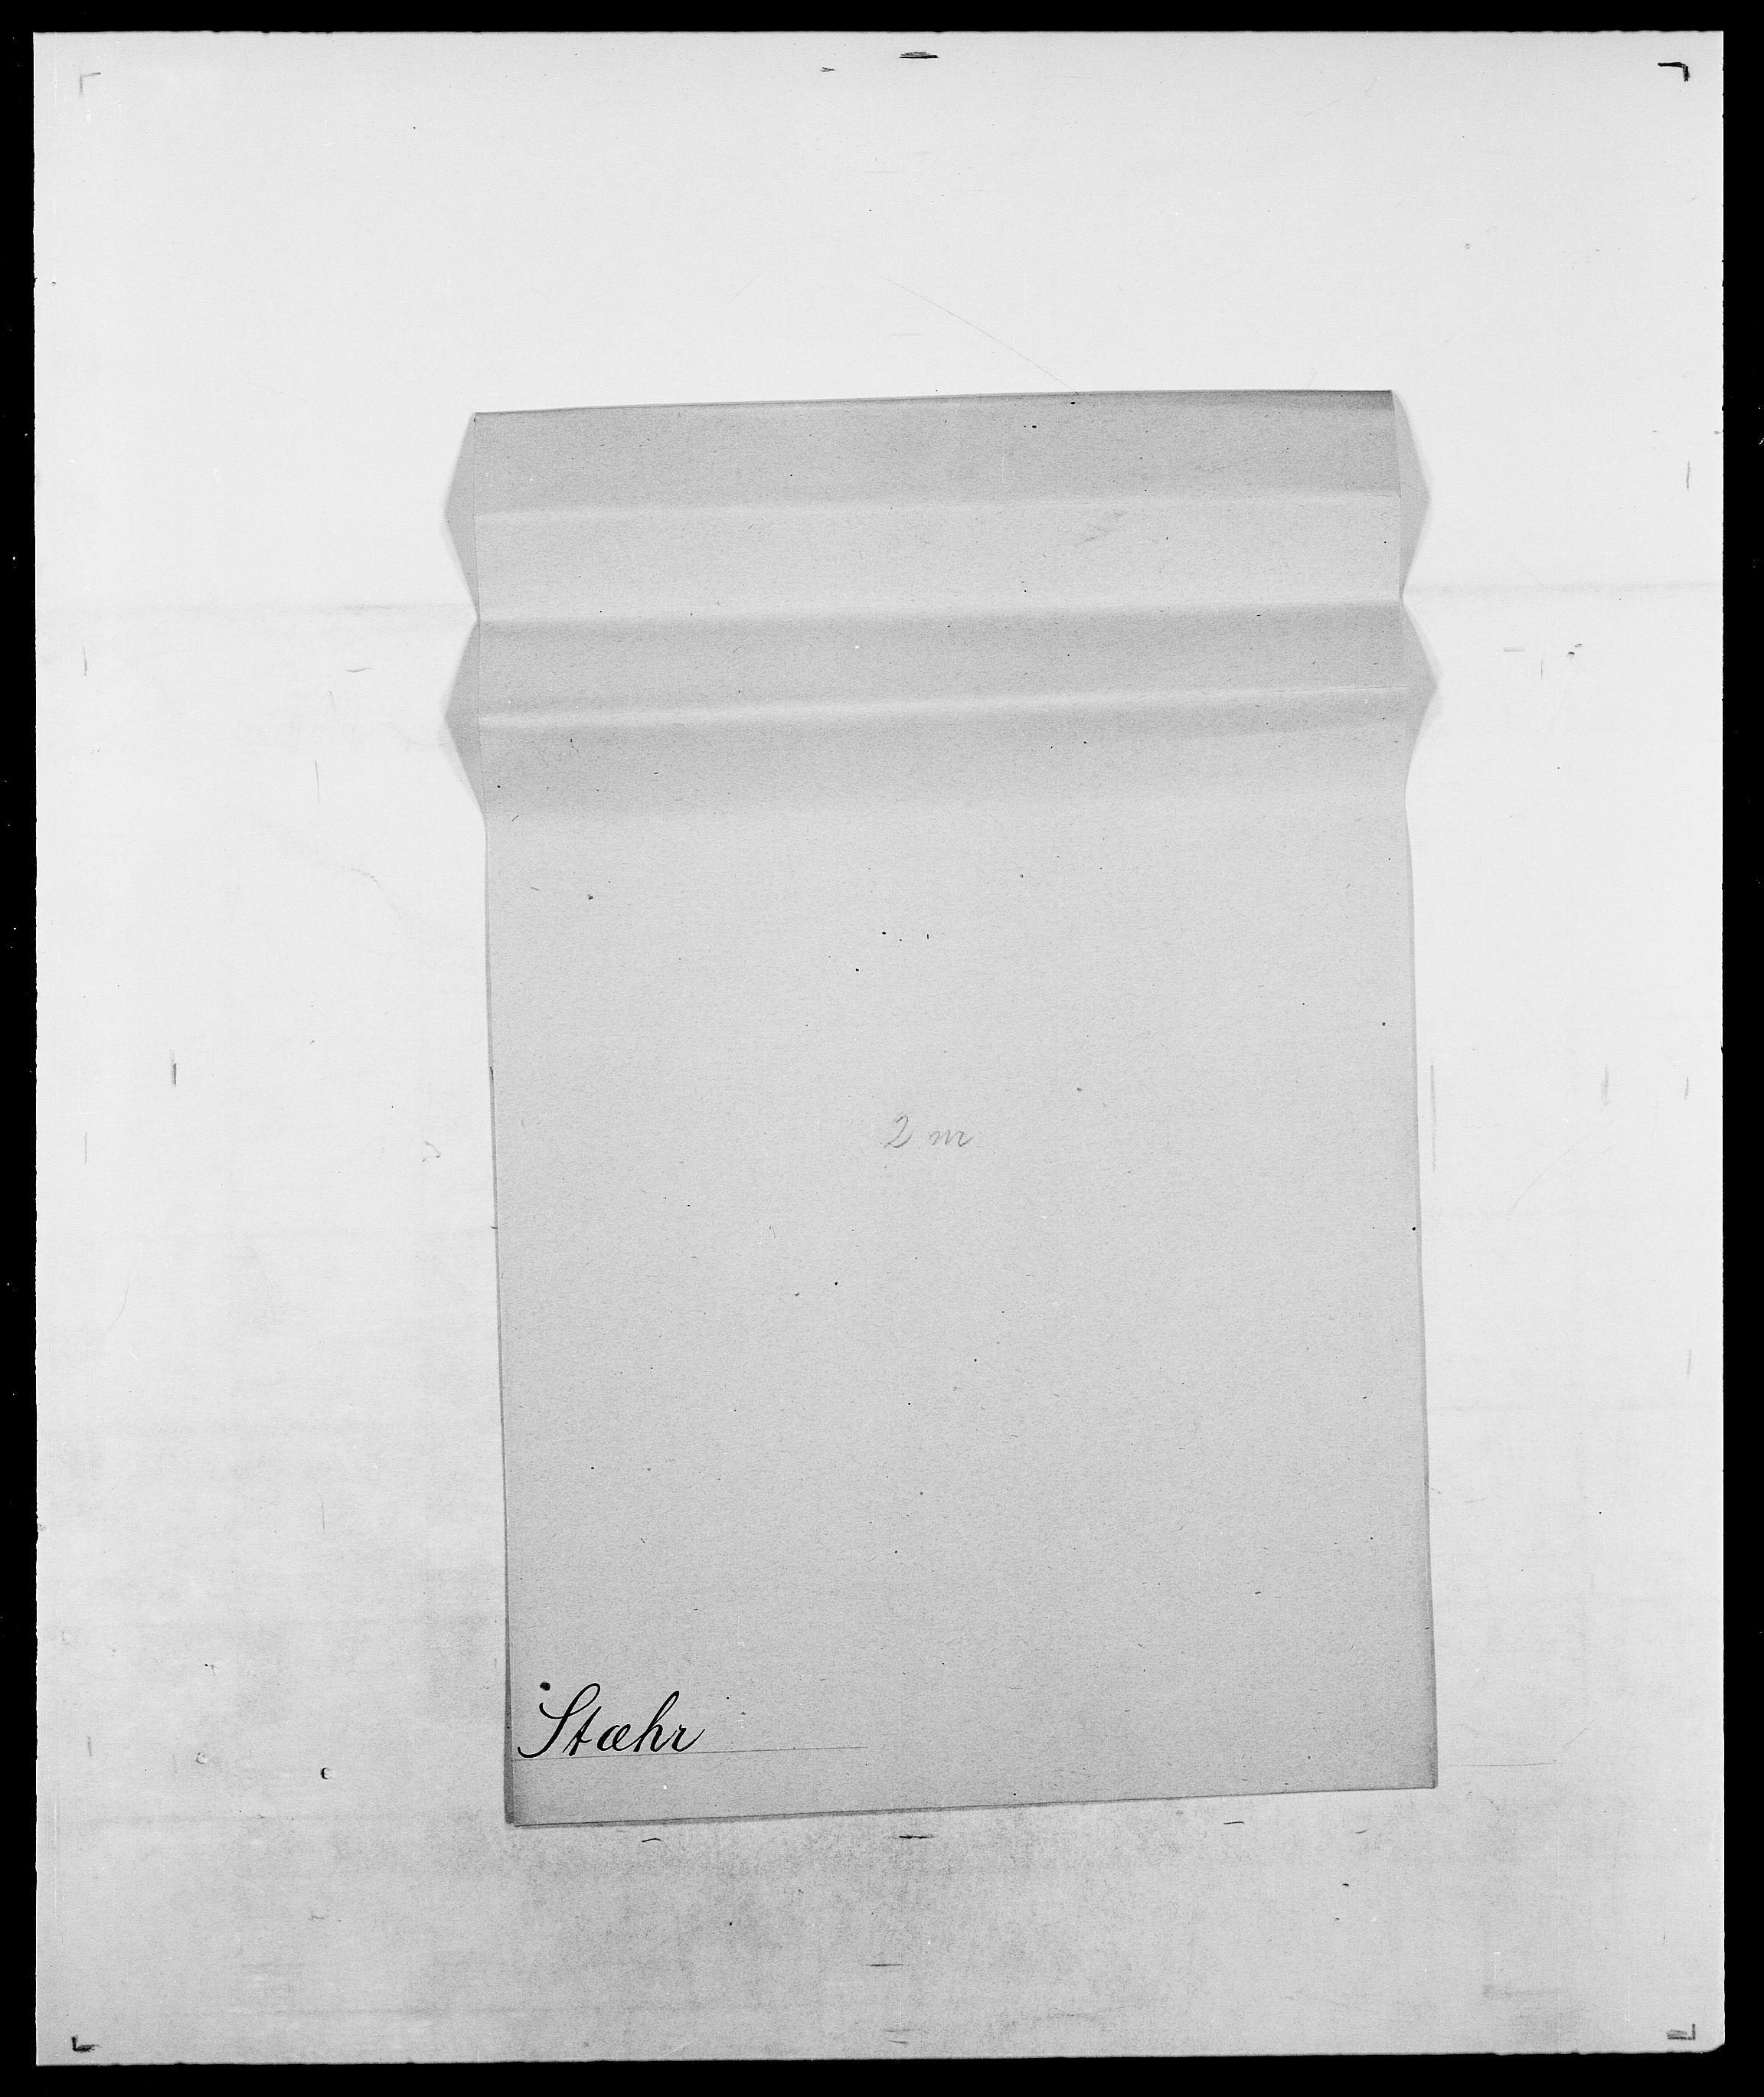 SAO, Delgobe, Charles Antoine - samling, D/Da/L0037: Steen, Sthen, Stein - Svare, Svanige, Svanne, se også Svanning og Schwane, s. 830